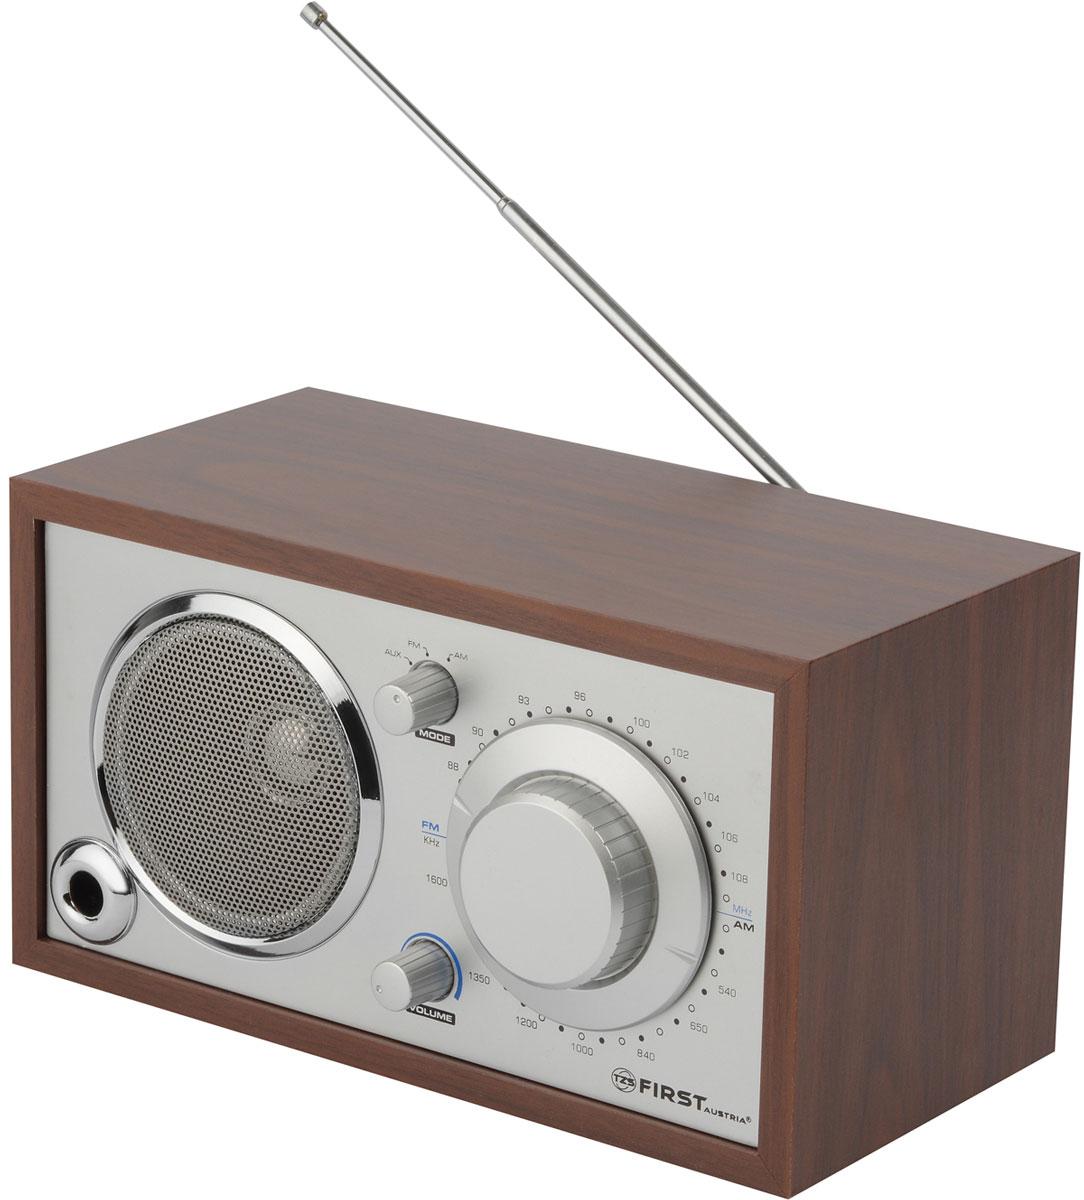 First FA-1907, Silver Wood радиоприемникFA-1907 Silver/woodFirst FA-1907 - компактный недорогой радиоприемник с поддержкой диапазонов AM и FM. Приемник обладает удобной ручкой для переноски и телескопической антенной. Для подключения дополнительных аудио-устройств имеются линейный аудиовход и разъем для наушников. Питание осуществляется от сети.